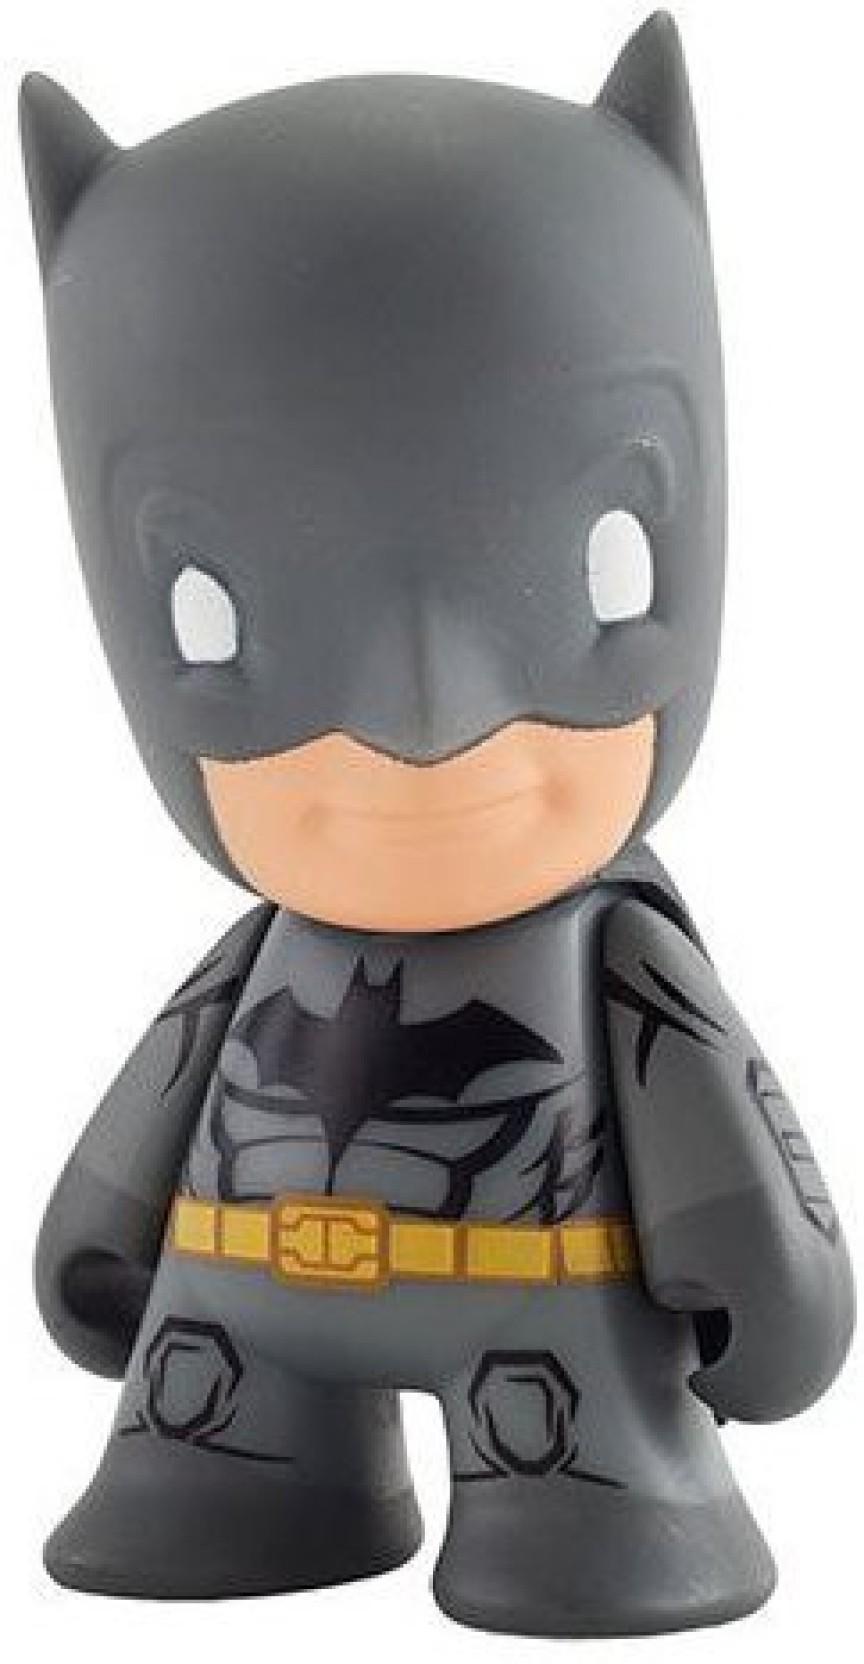 BATMAN Kidrobot x DC Comics Batman Dunny Blind Box Vinyl Figure